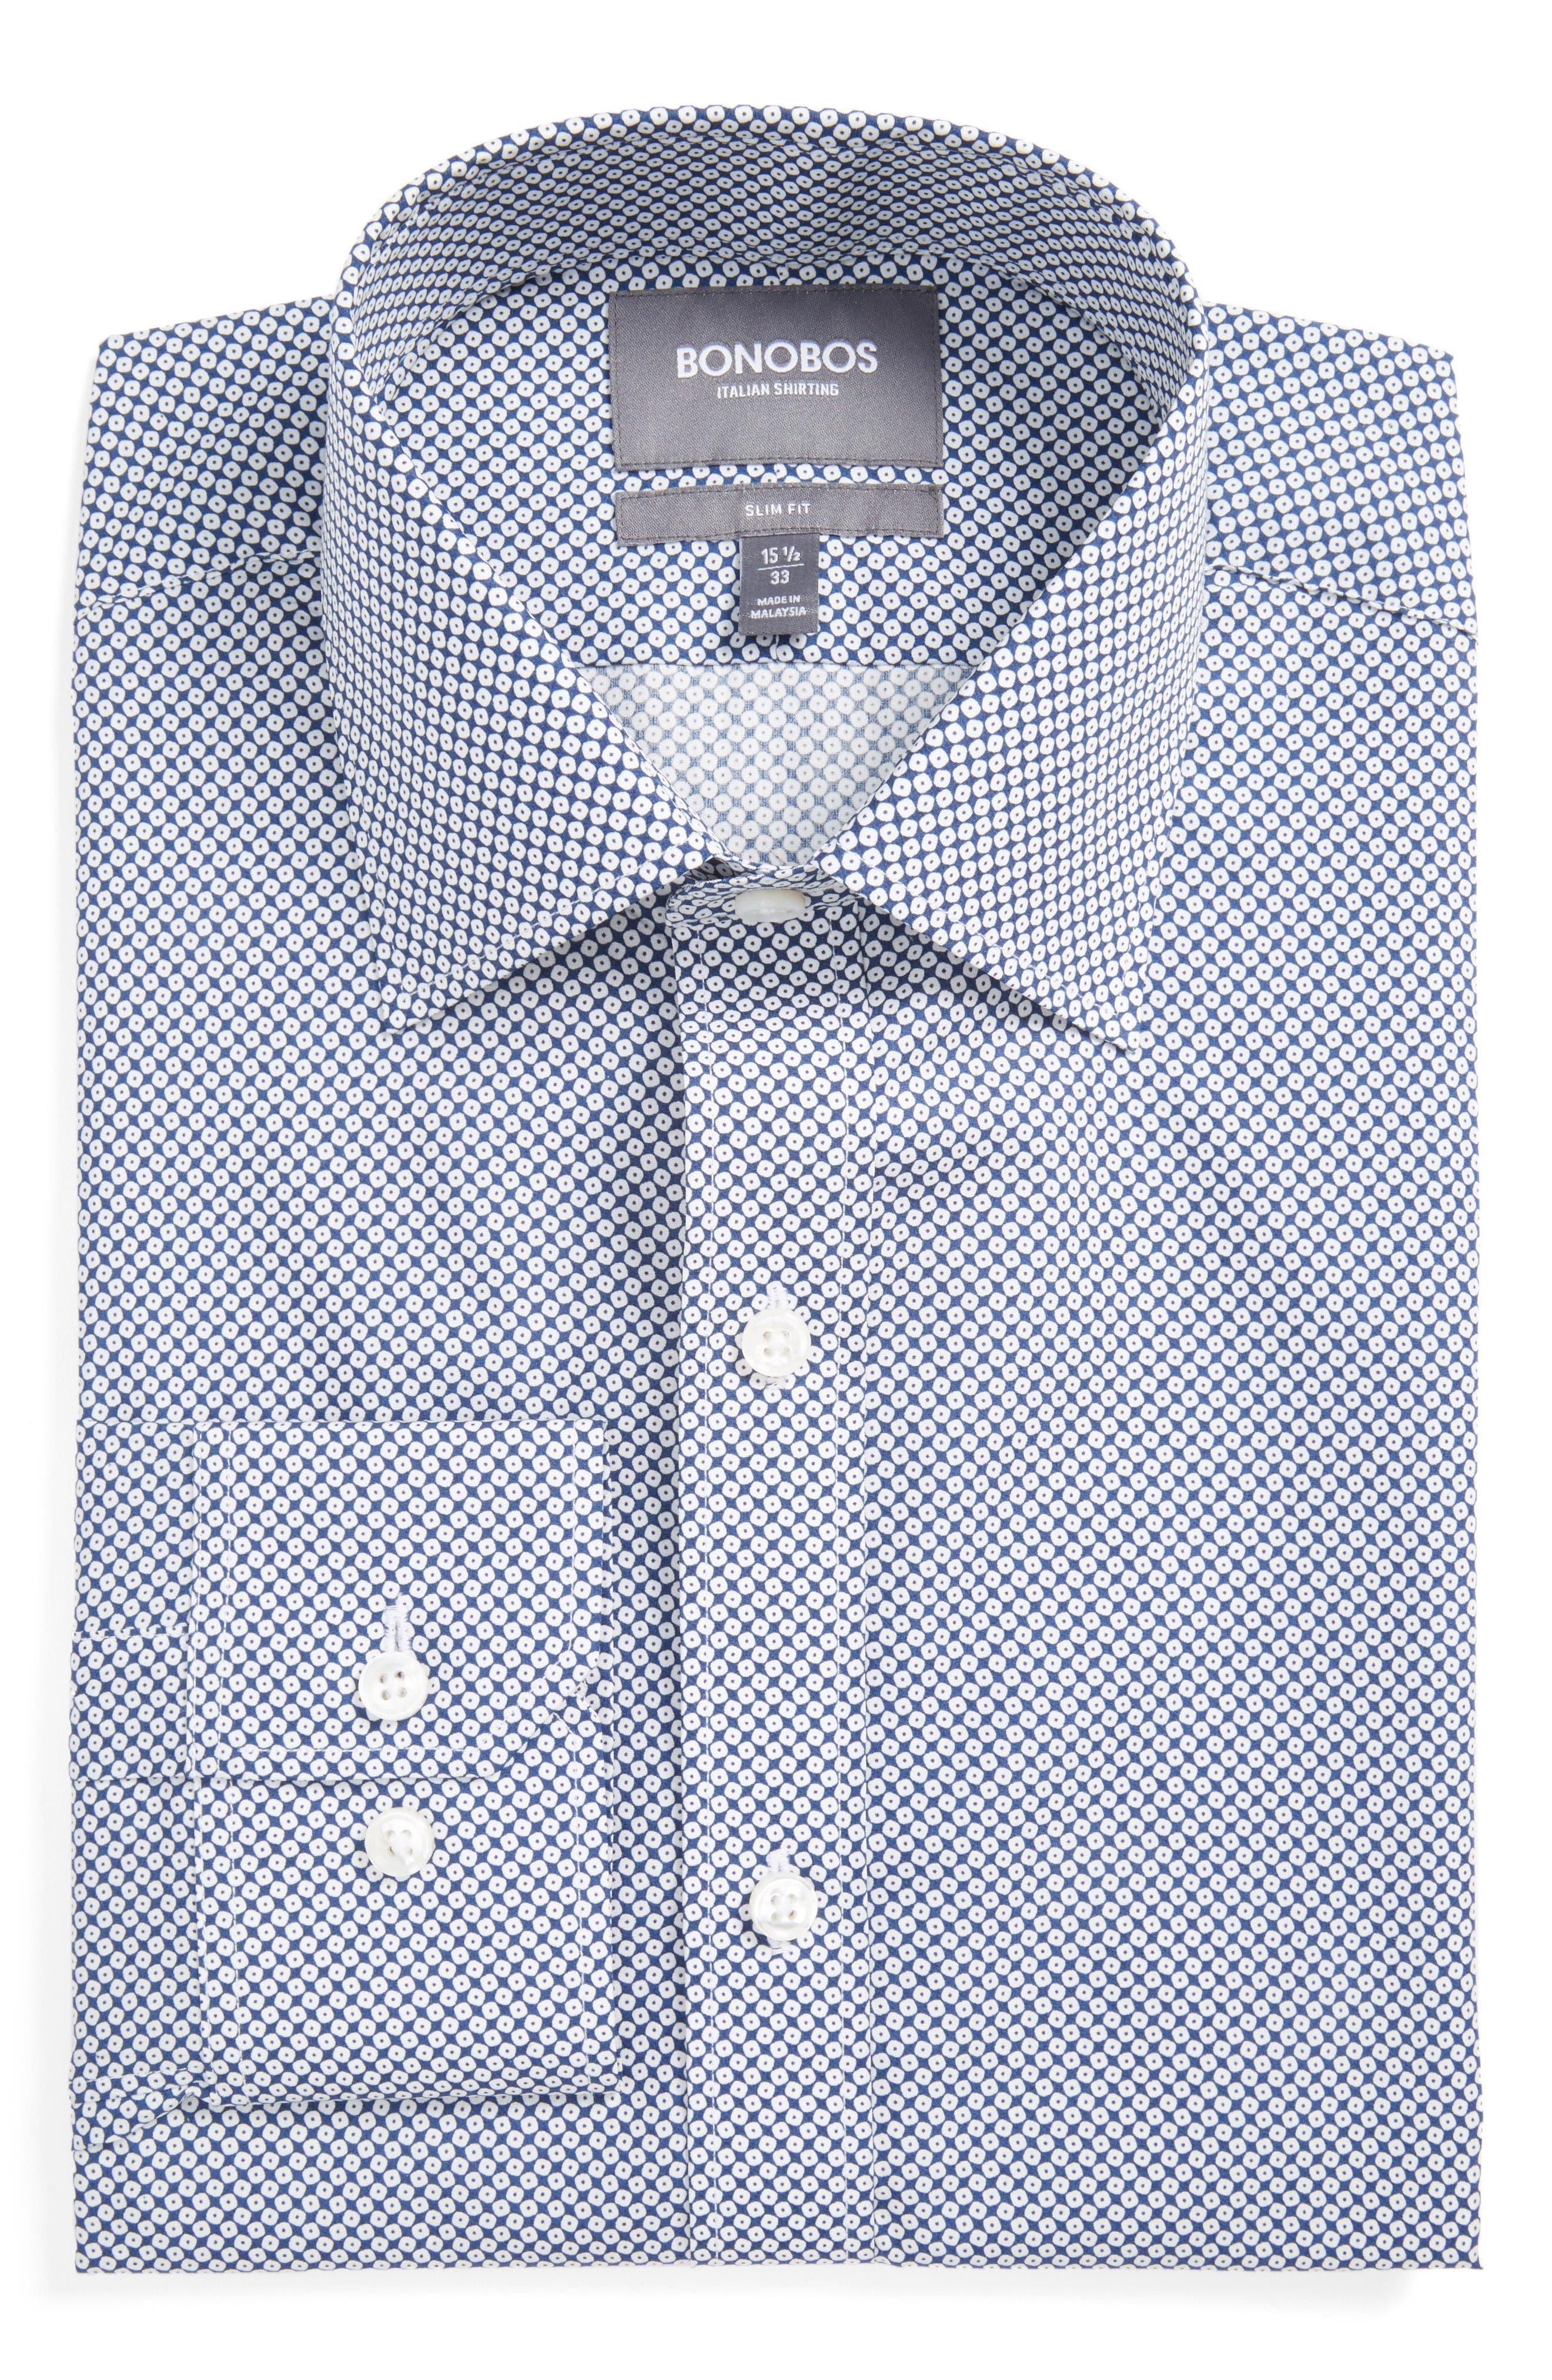 BONOBOS Americano Slim Fit Geometric Dress Shirt